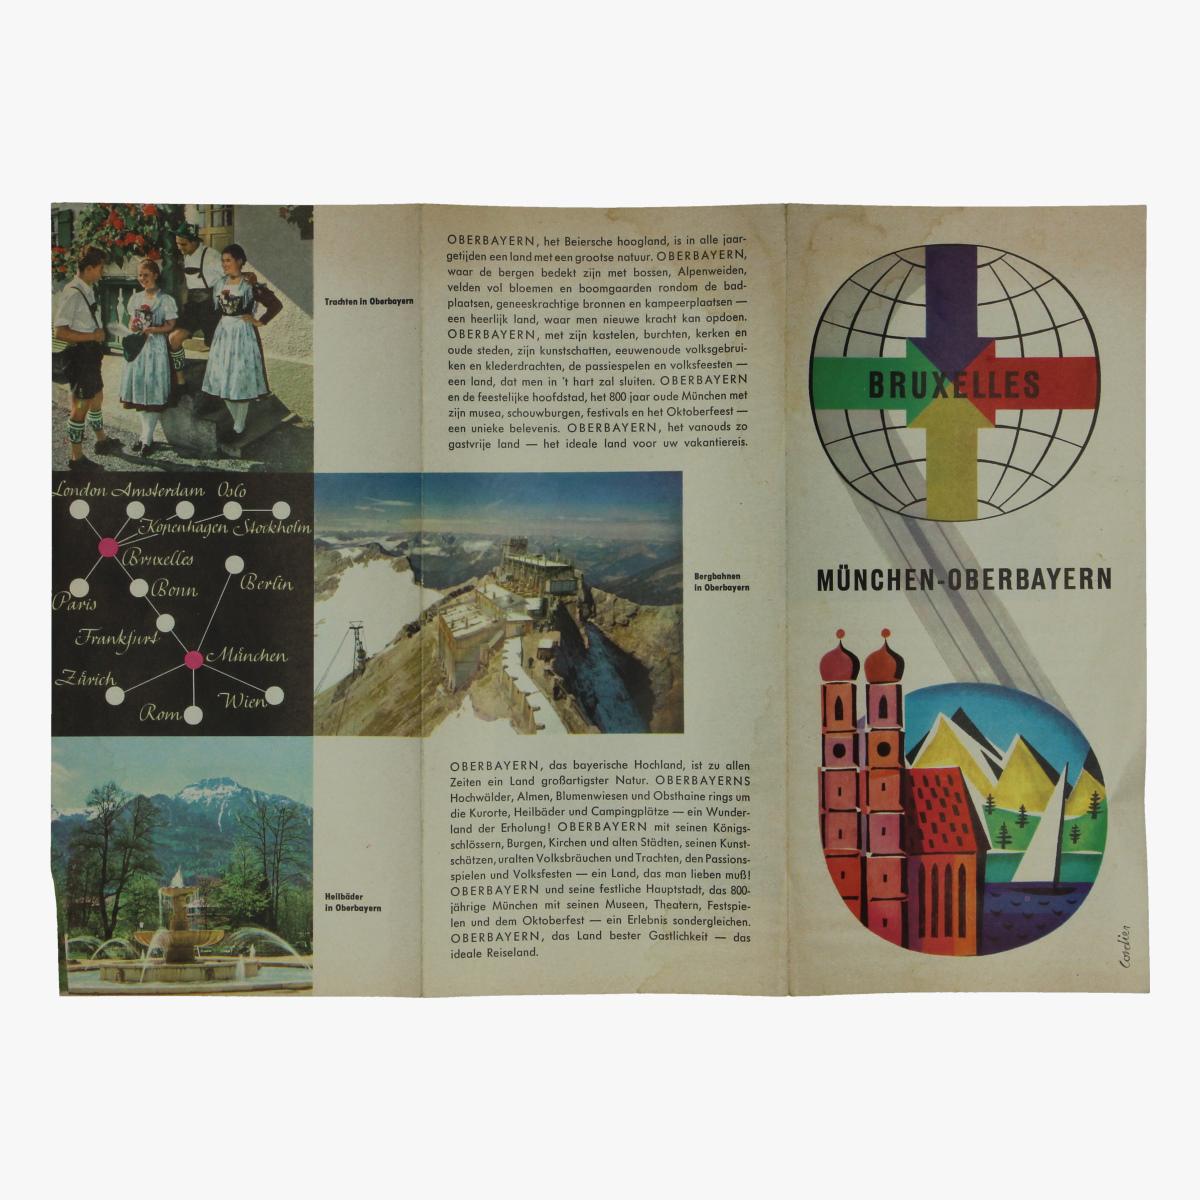 Afbeeldingen van expo 58 folder bruxelles münchen-oberbayern